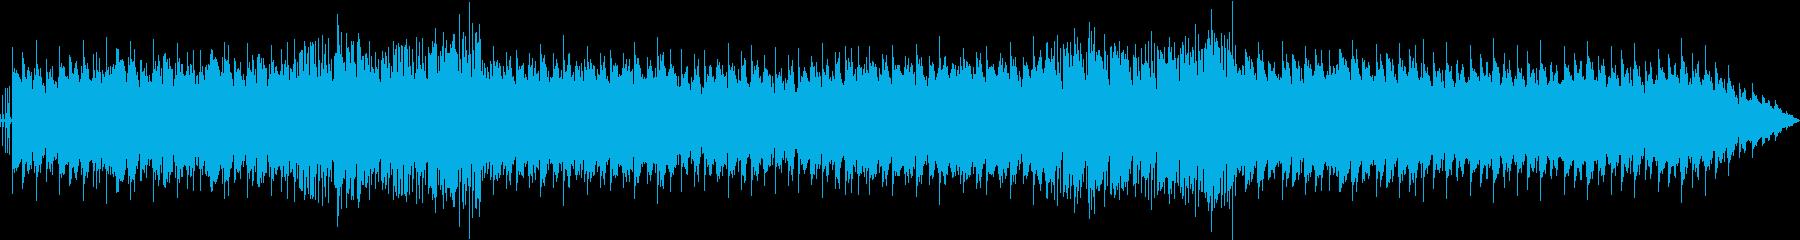 爽やかな映像に合うボサノバ風インスト曲の再生済みの波形